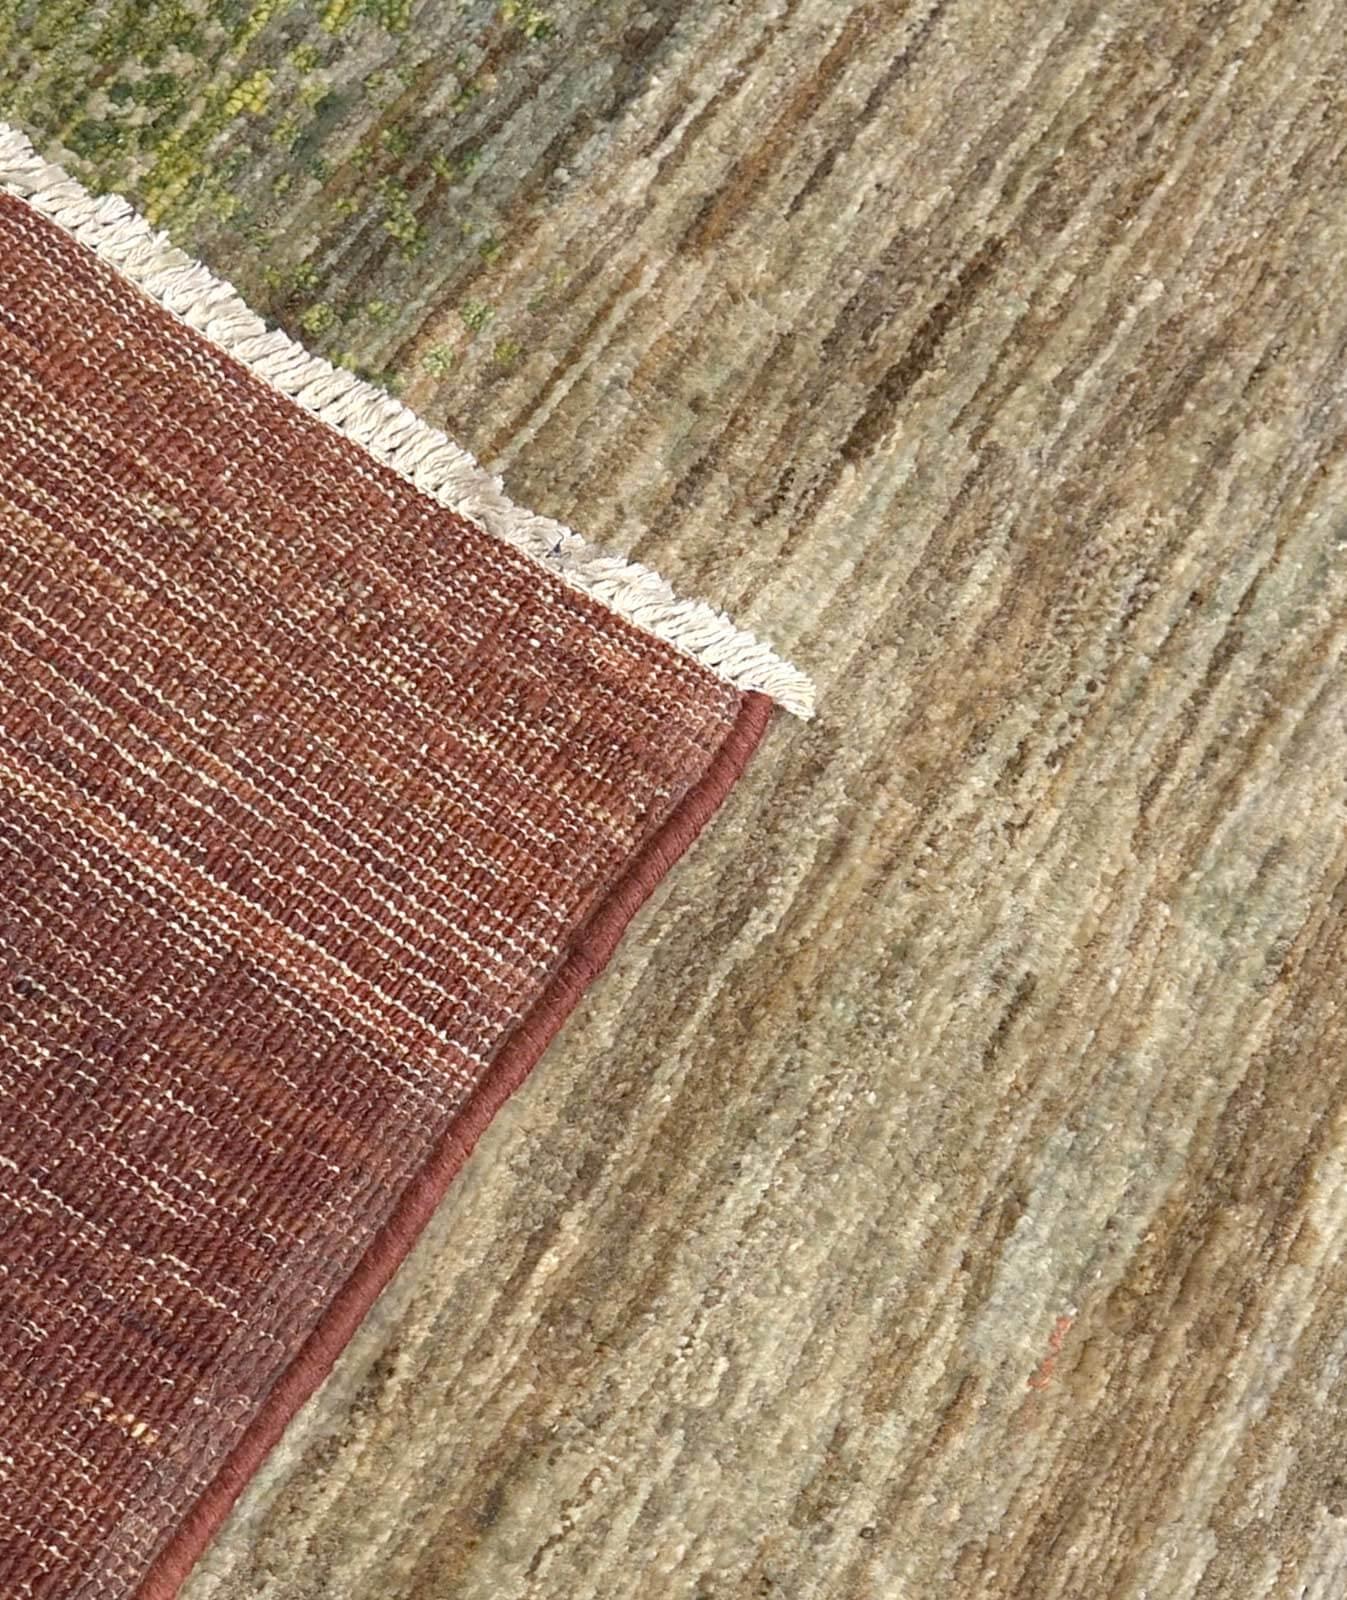 kashkuli-rainbow-stripes-moderne-oosterse-perzische-tapijten-luxe-exclusieve-vloerkleden-koreman-maastricht